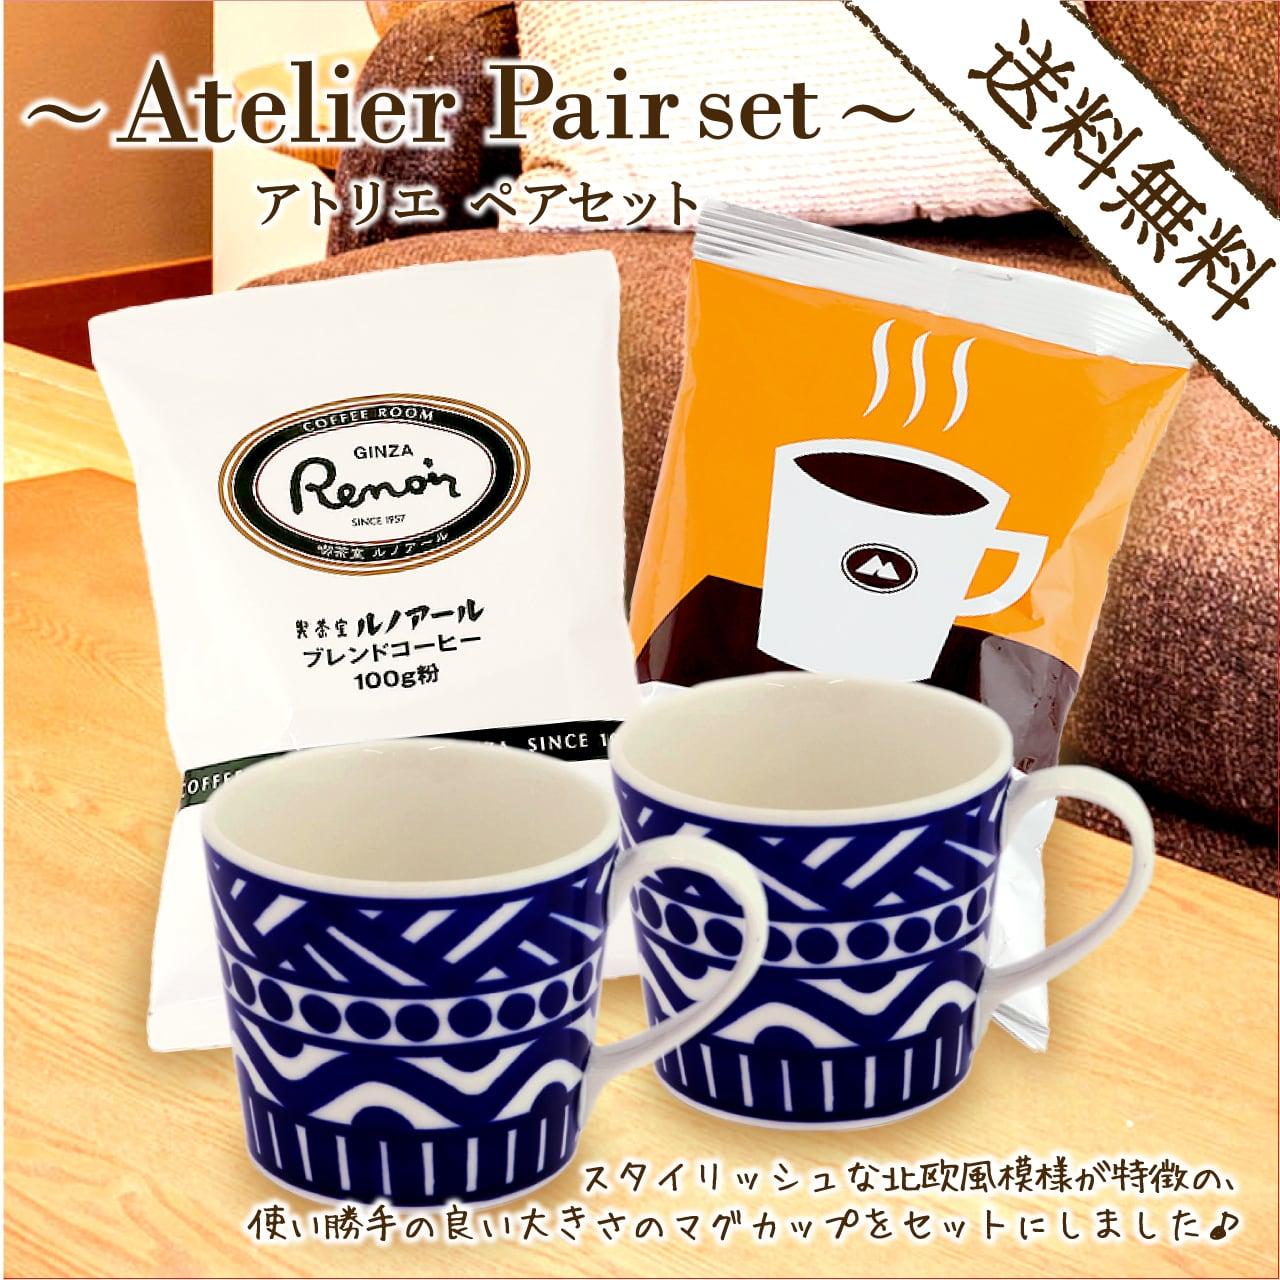 アトリエ♡ペアセット♡RUNOA COFFEE アメリカン珈琲マグカップペアセット(送料無料)